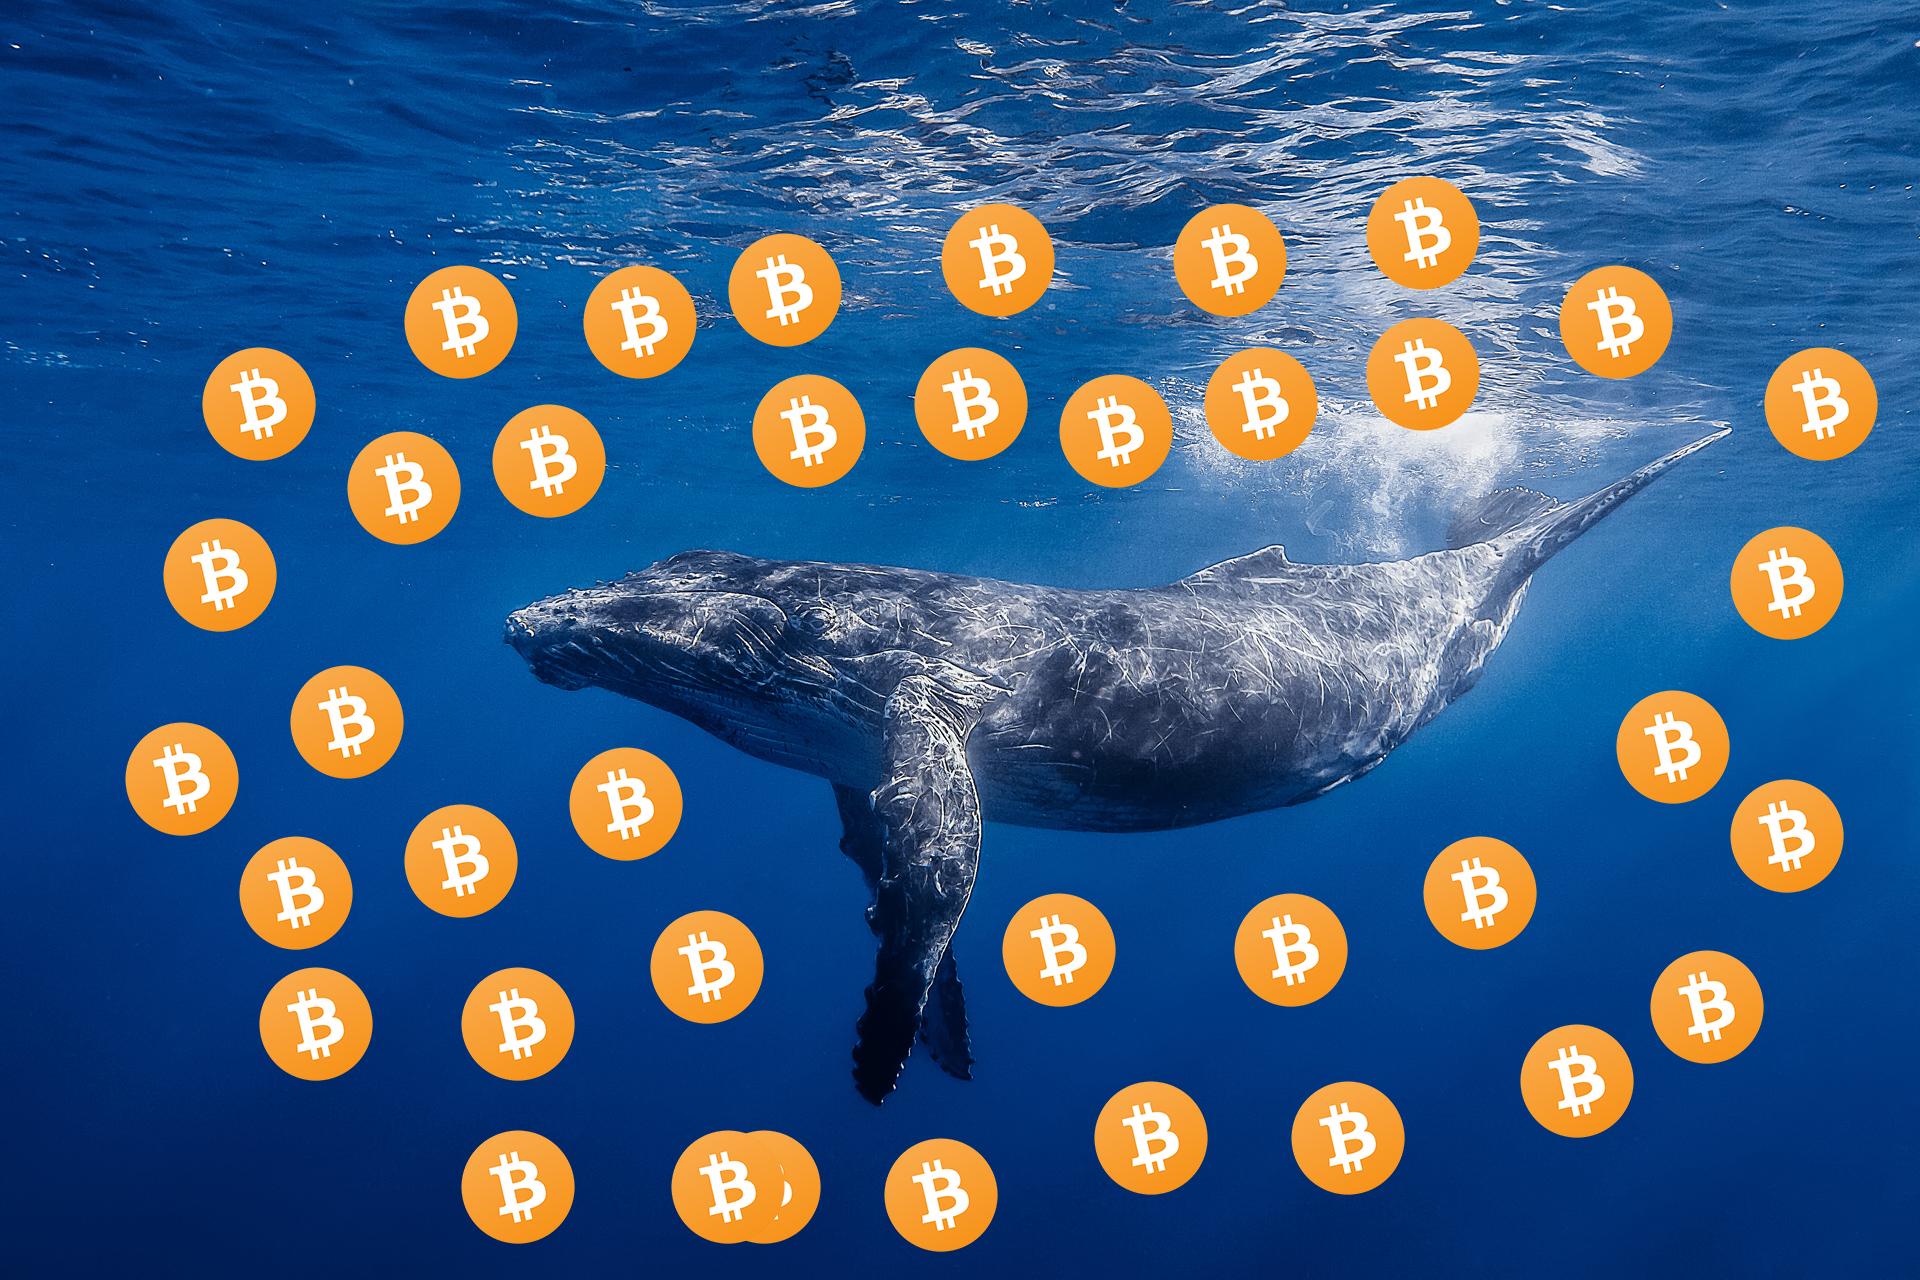 Balinalar Arttı Ufukta Bir Boğa Koşusu Var mı